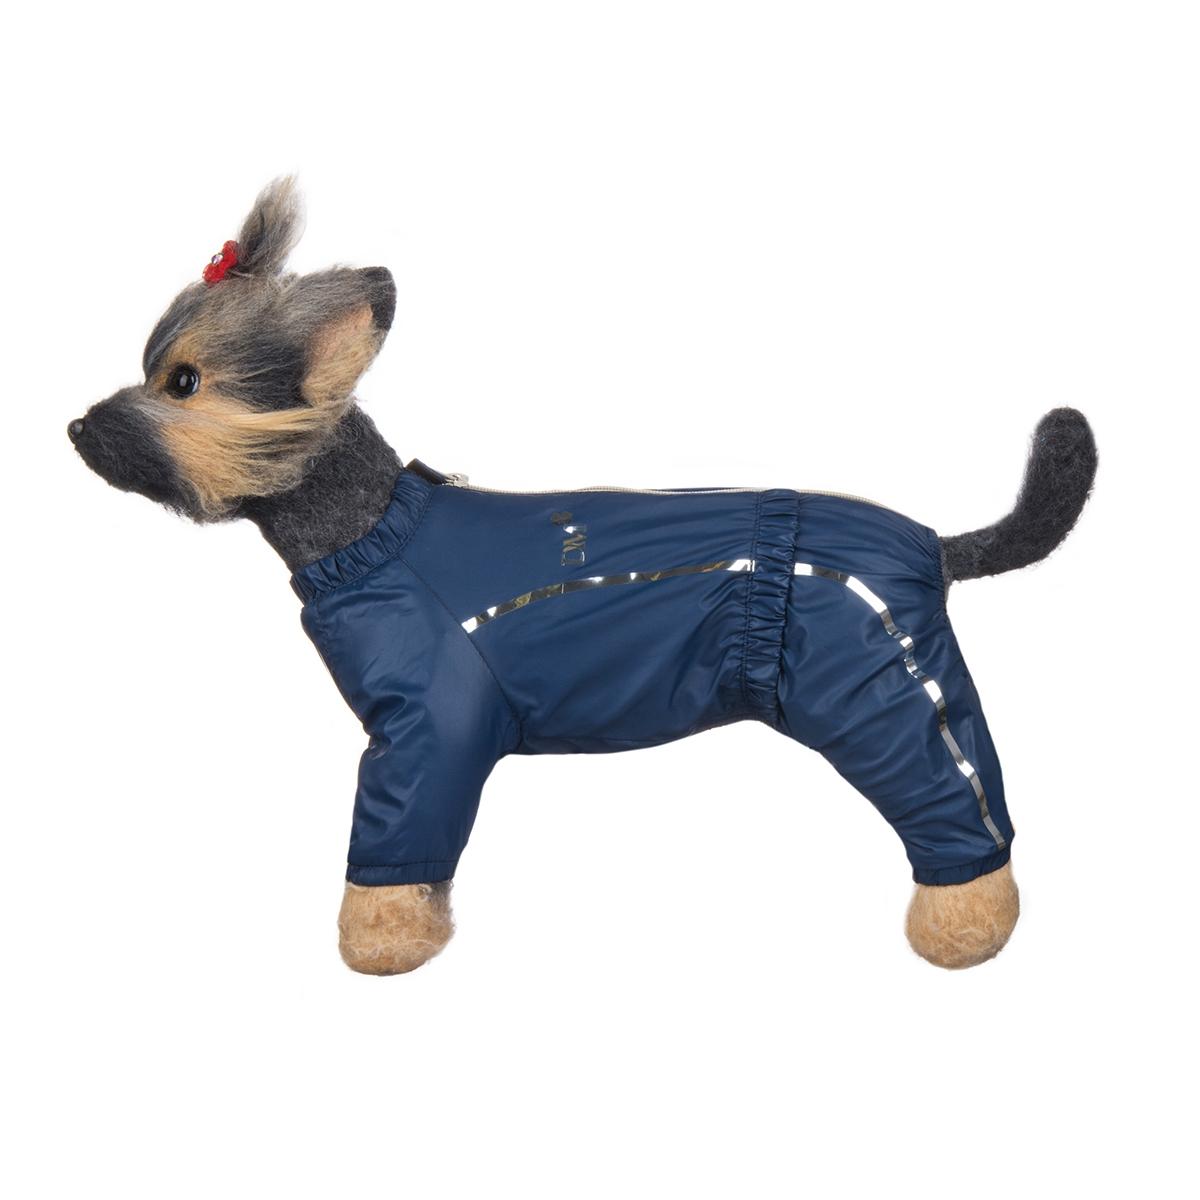 Комбинезон для собак Dogmoda Альпы, для мальчика, цвет: синий. Размер 2 (M). DM-1601030120710Комбинезон для собак Dogmoda Альпы отлично подойдет для прогулок поздней осенью или ранней весной.Комбинезон изготовлен из полиэстера, защищающего от ветра и осадков, с подкладкой из вискозы и полиэстера, которая сохранит тепло и обеспечит отличный воздухообмен.Комбинезон застегивается на молнию и липучку, благодаря чему его легко надевать и снимать. Ворот, низ рукавов и брючин оснащены внутренними резинками, которые мягко обхватывают шею и лапки, не позволяя просачиваться холодному воздуху. На пояснице имеется внутренняя резинка. Изделие декорировано золотистыми полосками и надписью DM.Благодаря такому комбинезону простуда не грозит вашему питомцу и он не даст любимцу продрогнуть на прогулке.Длина по спинке: 24 см.Объем груди: 39 см.Обхват шеи: 25 см.